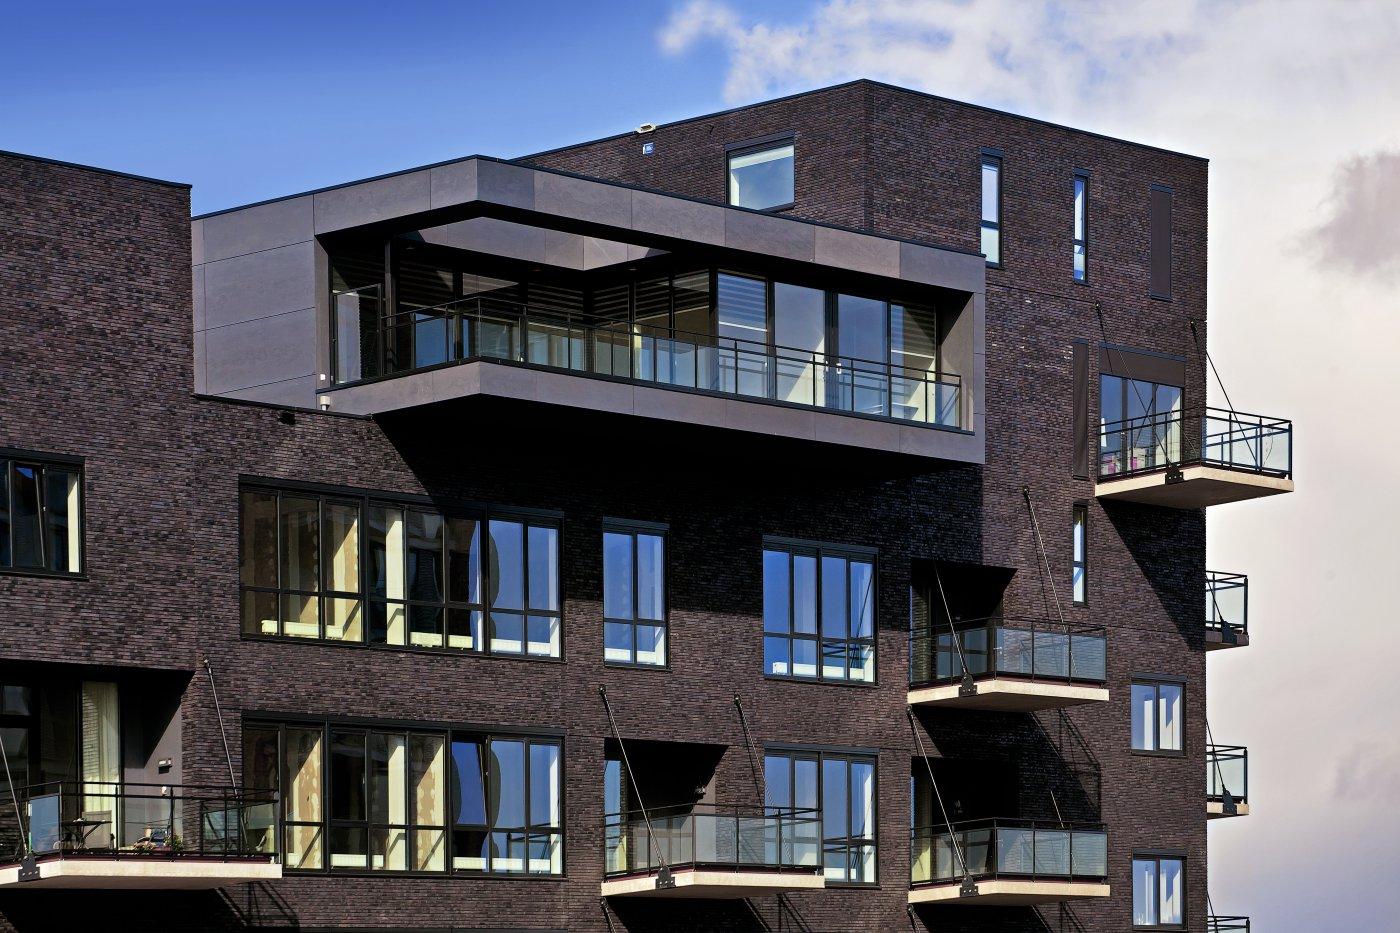 exterieur top floor